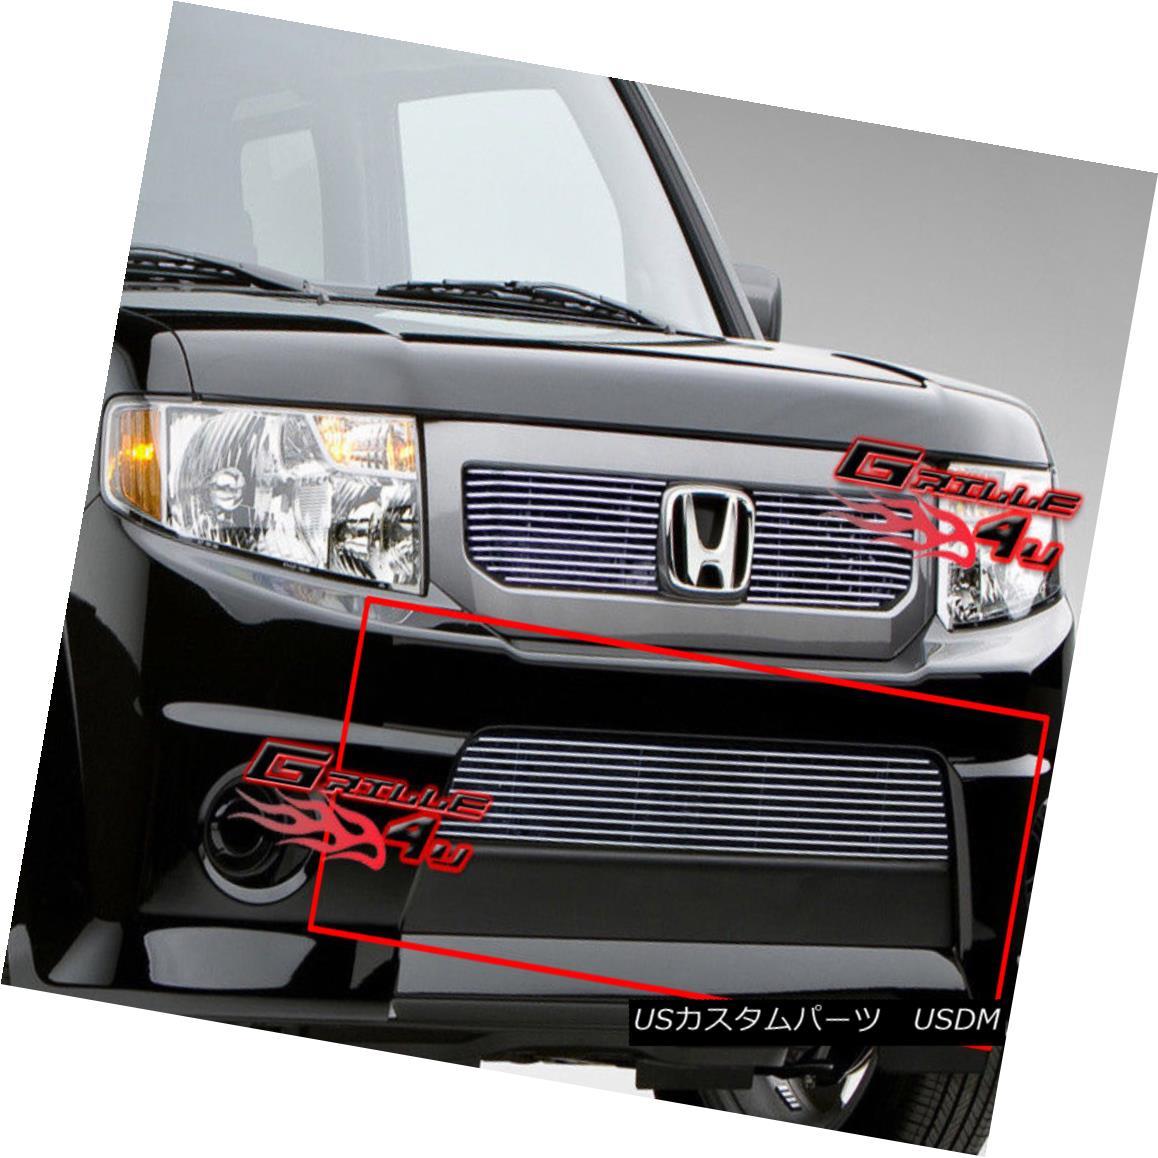 グリル Fits 09-11 2011 Honda Element SC Lower Bumper Billet Grille Insert フィット09-11 2011ホンダエレメントSCロワーバンパービレットグリルインサート